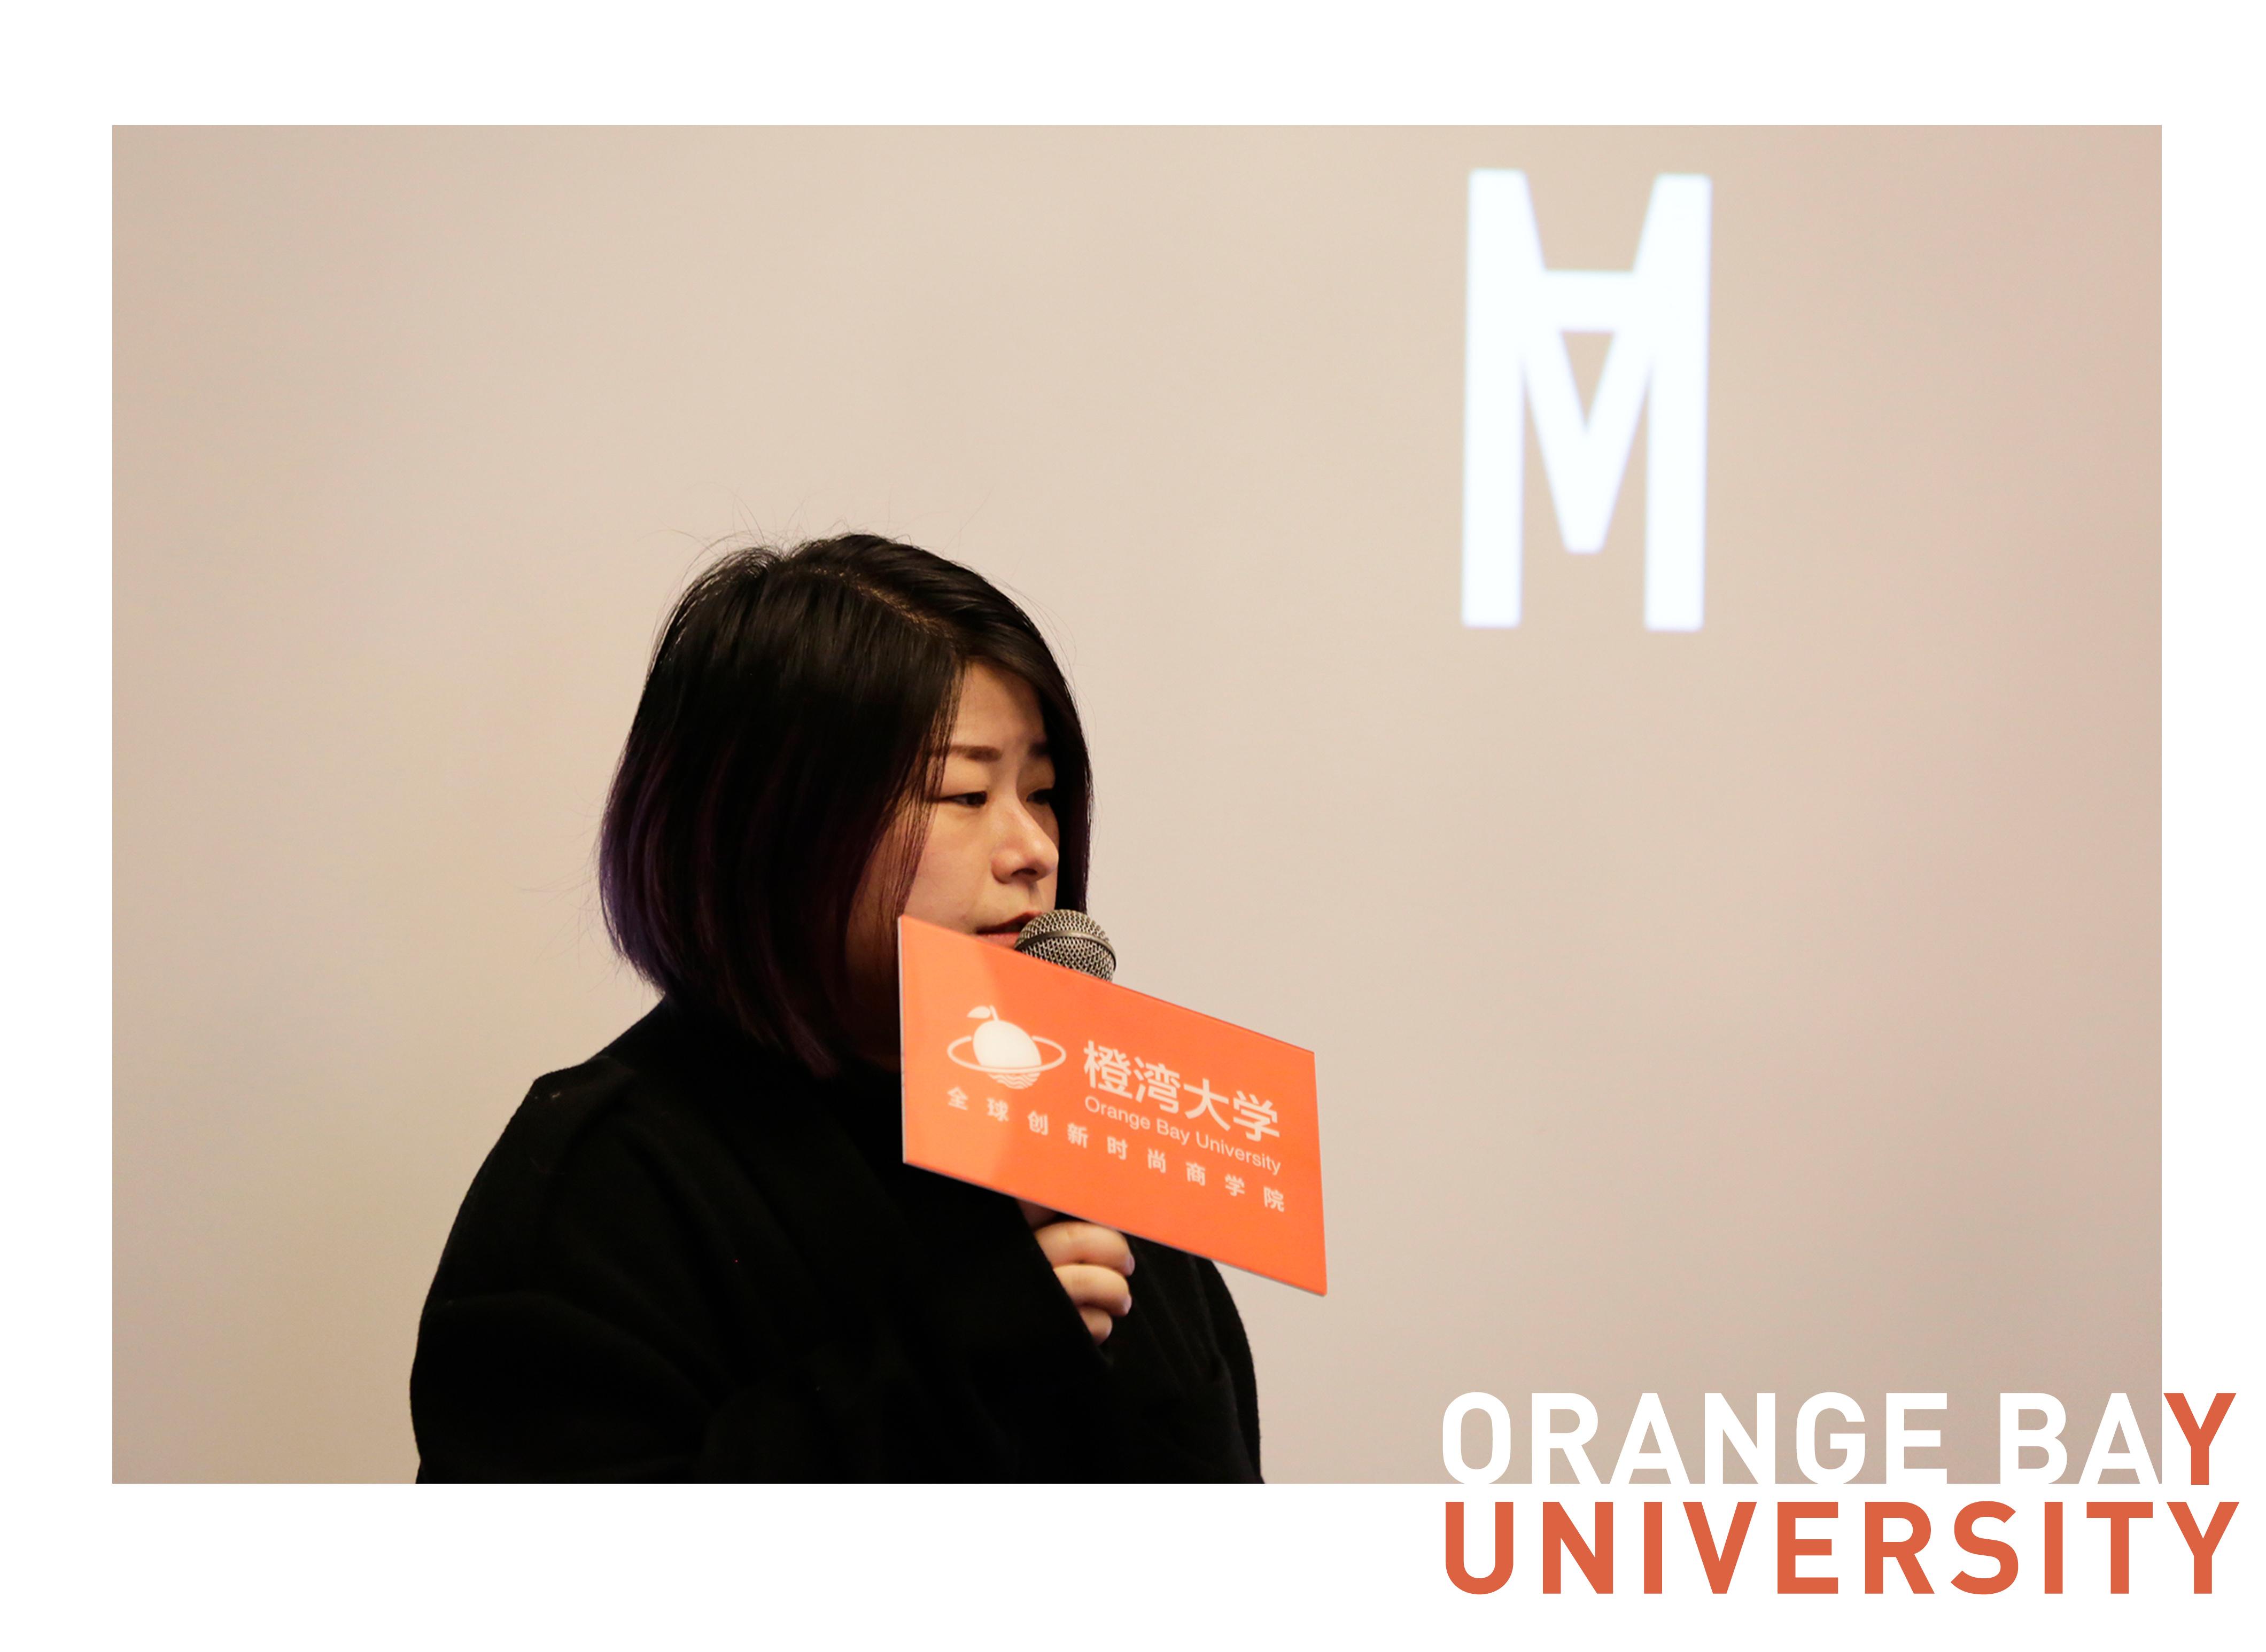 【橙湾课堂】Masha Ma:了解别人的需求,是设计师的必修课!